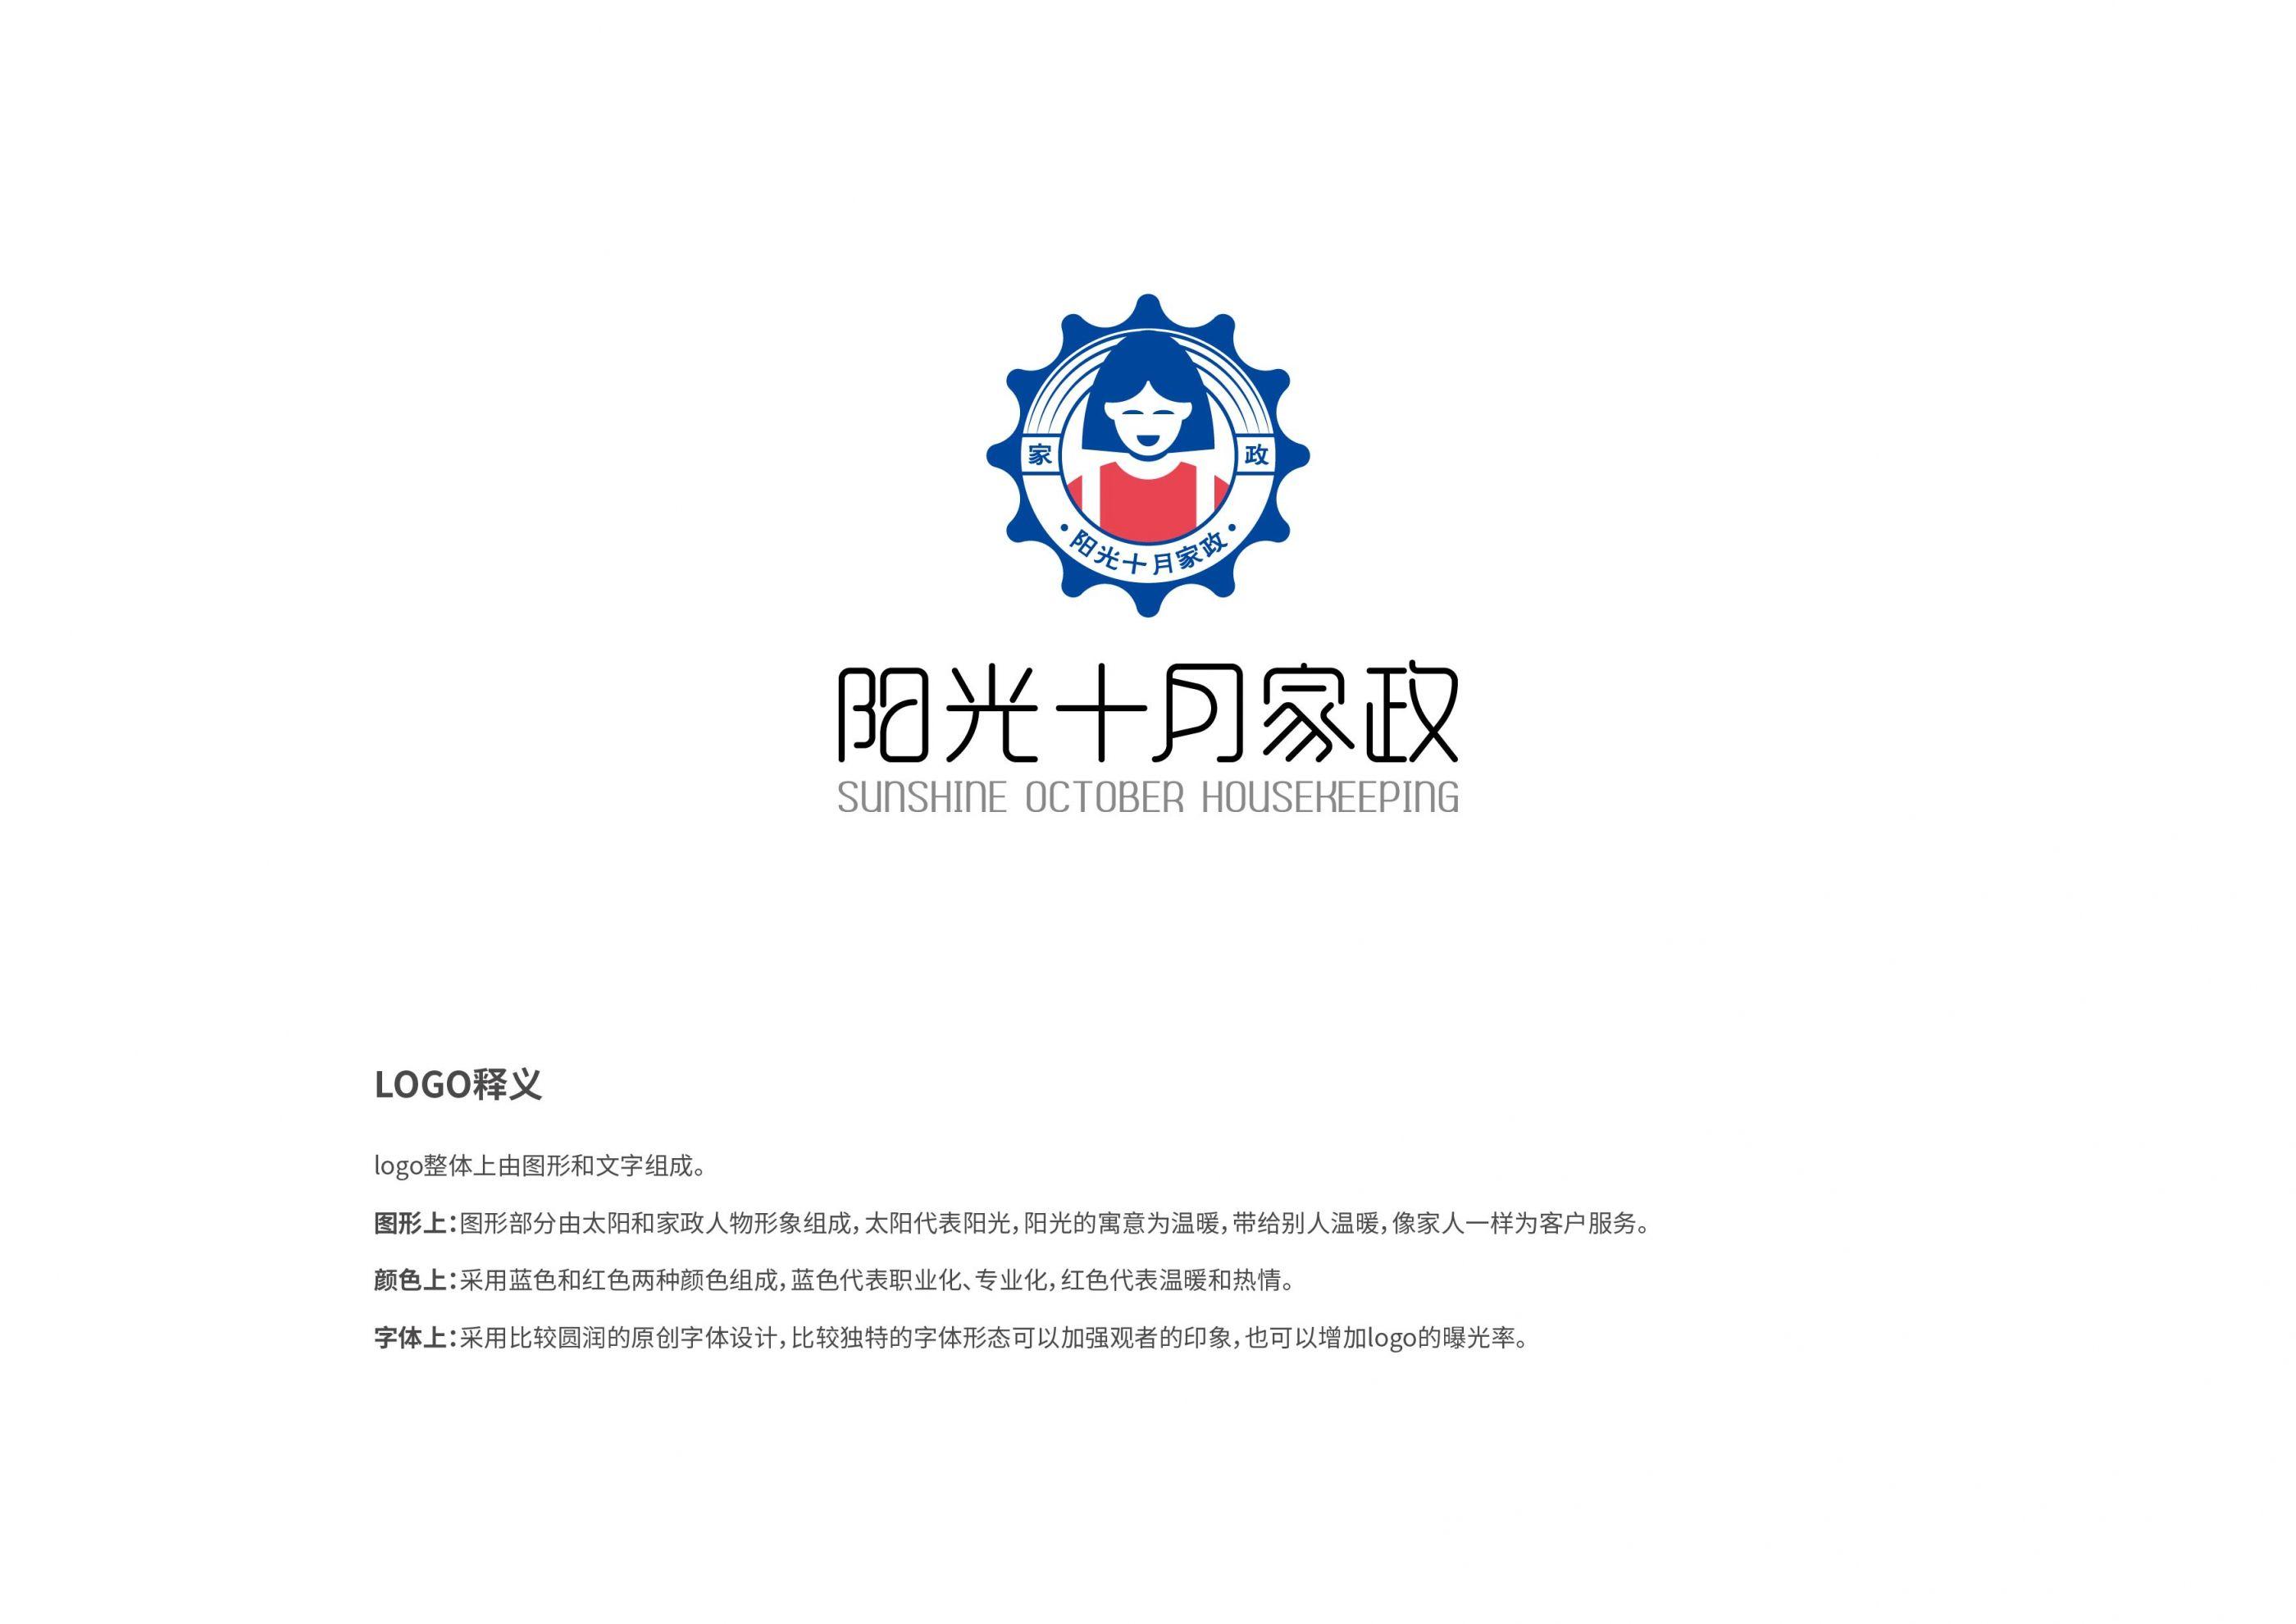 阳光十月家政品牌logo设计 飞特网 原创LOGO设计